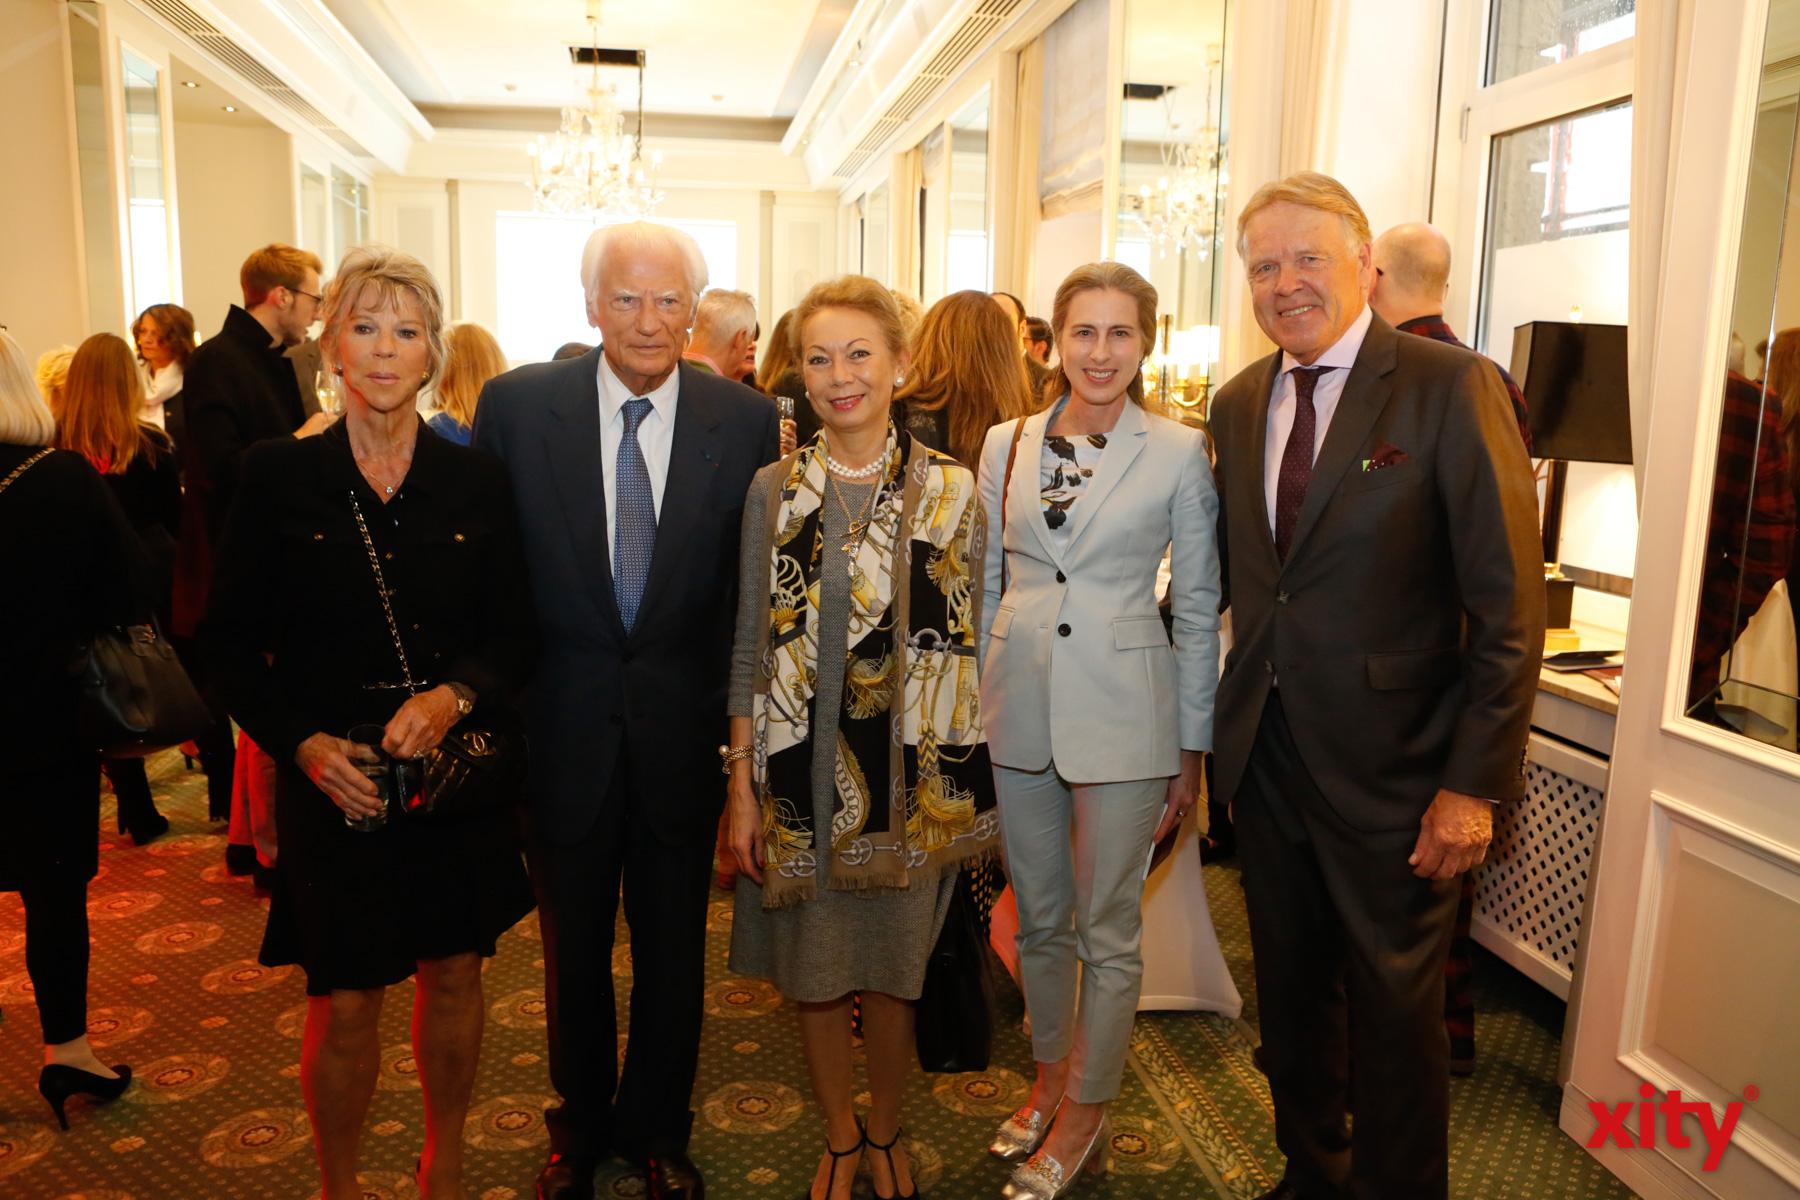 Renate Voos-Frönicke, Claude Cathalan, Dr. Vera Geisel und Peter Wienen(Foto: xity)